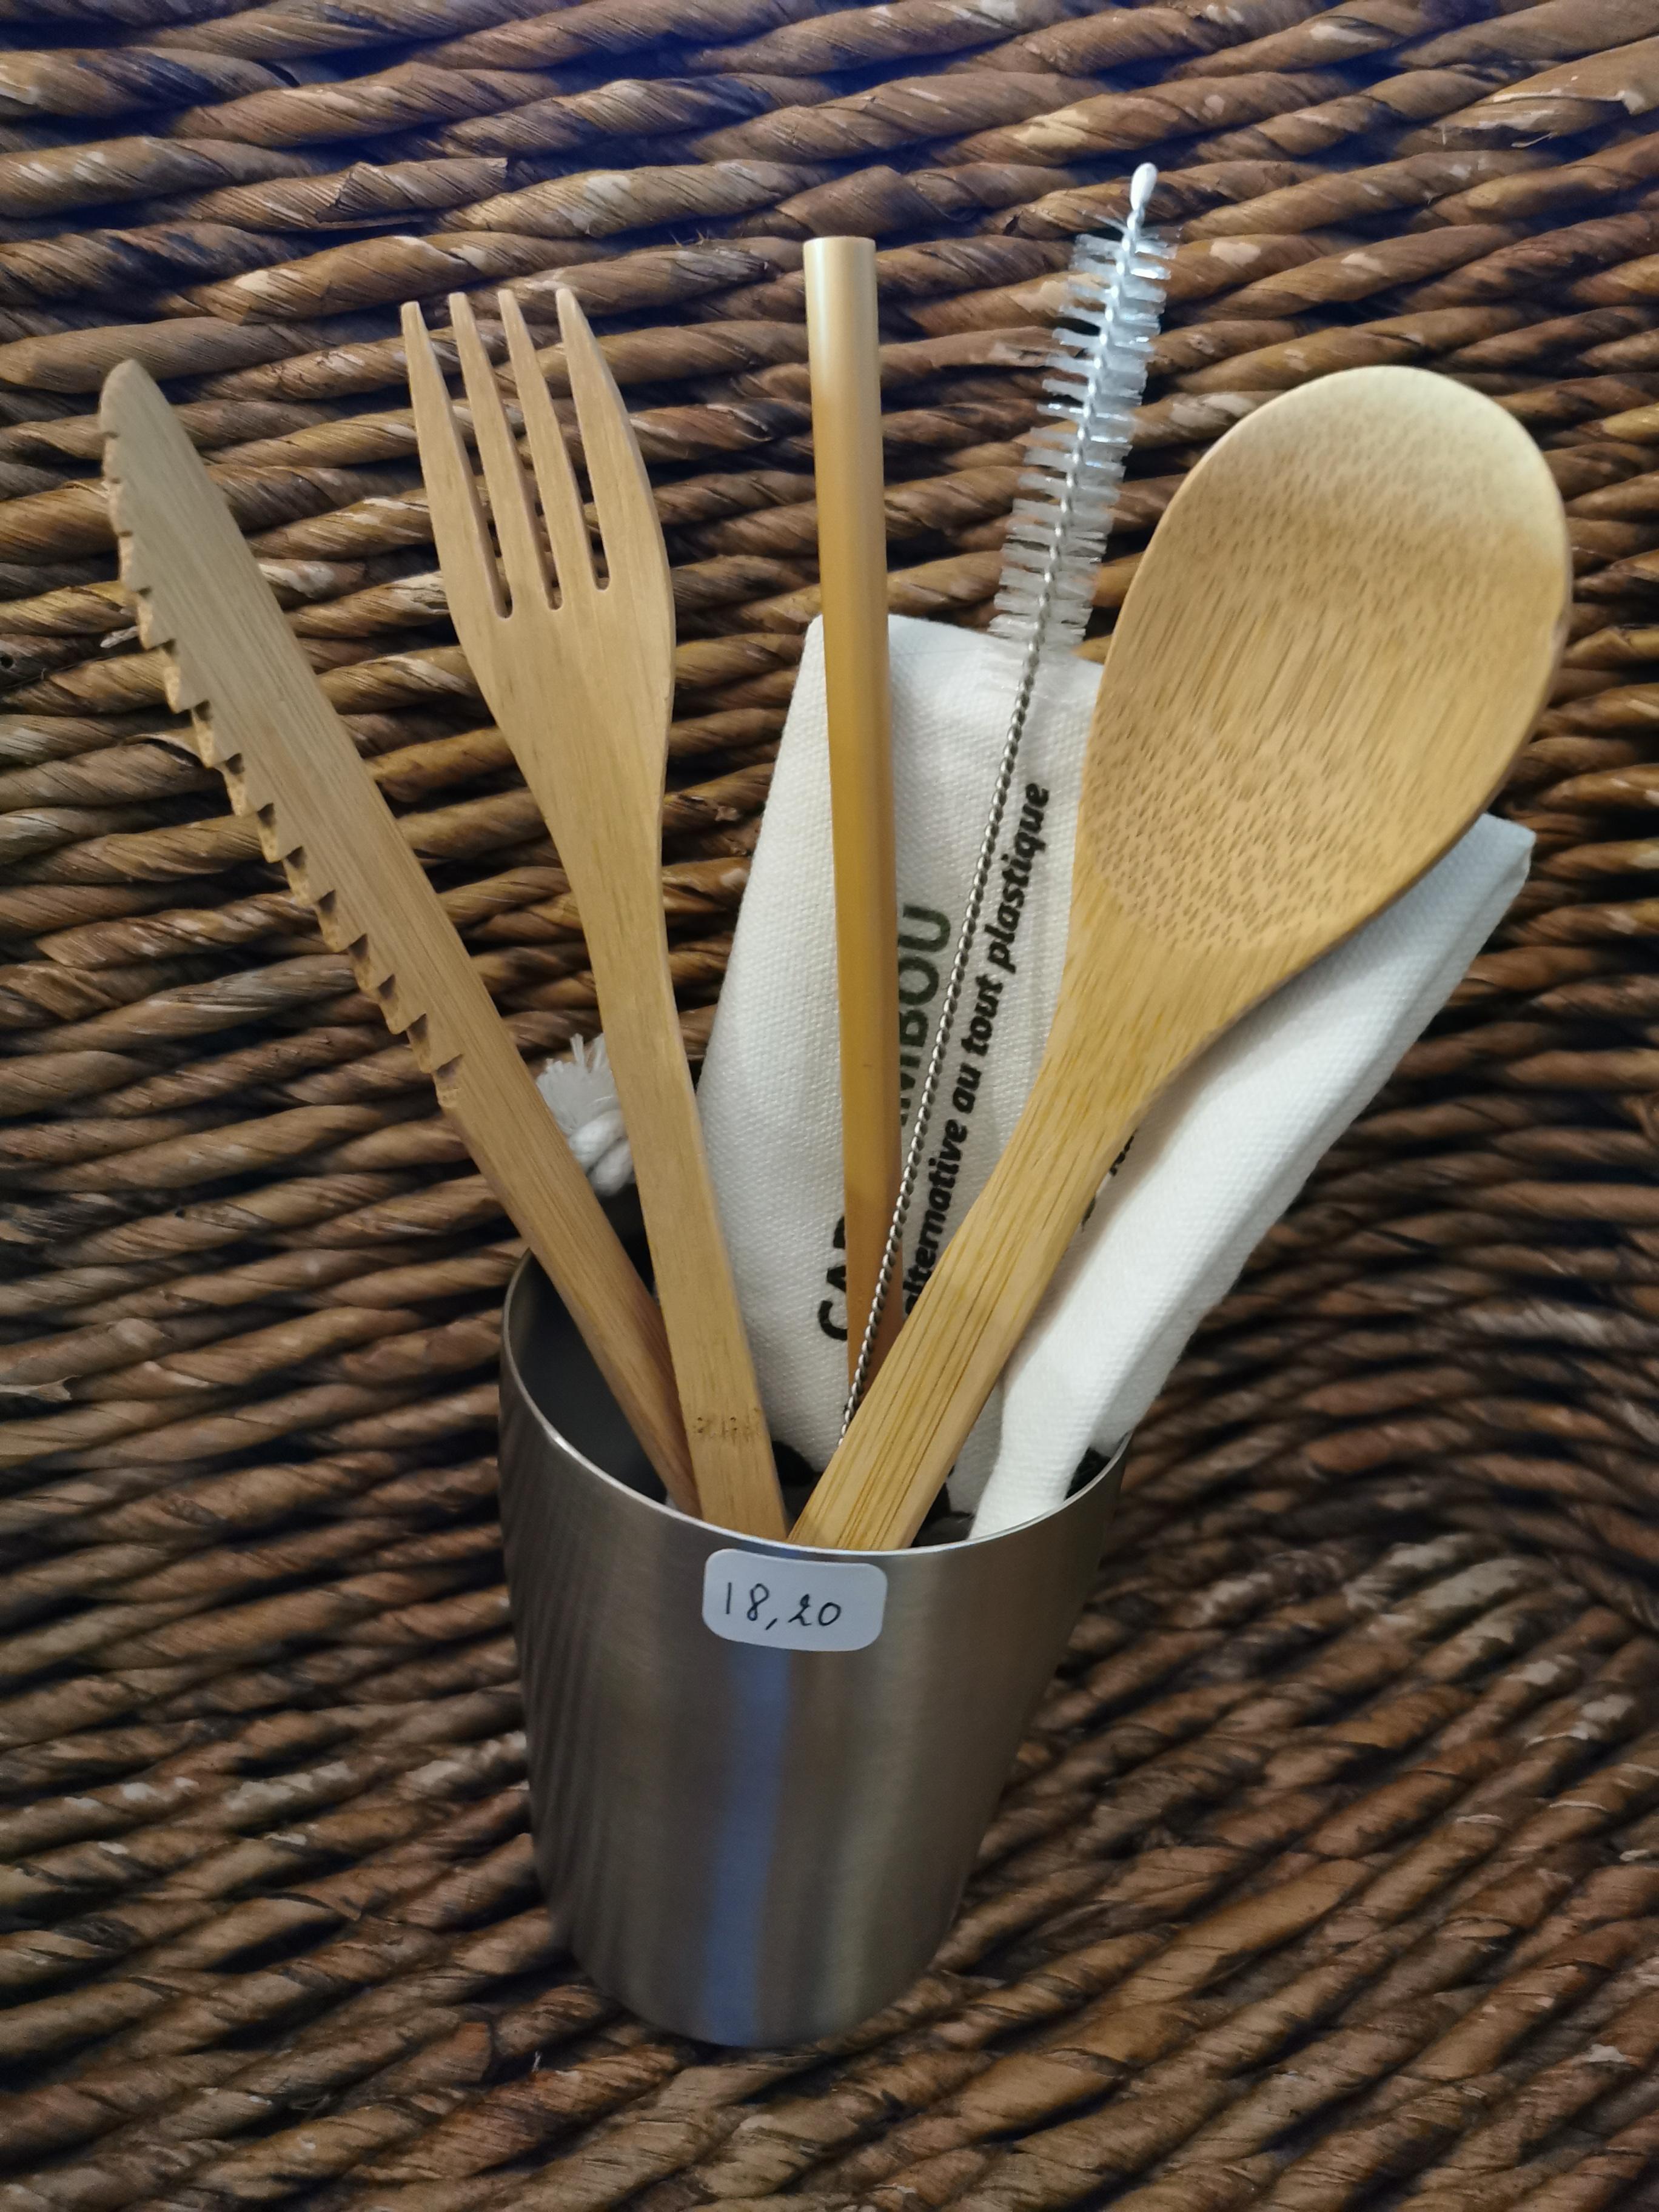 KIT PIQUE-NIQUE 1 - couverts et paille en bambou, goupillon, pochette, gobelet inox - 18,20€